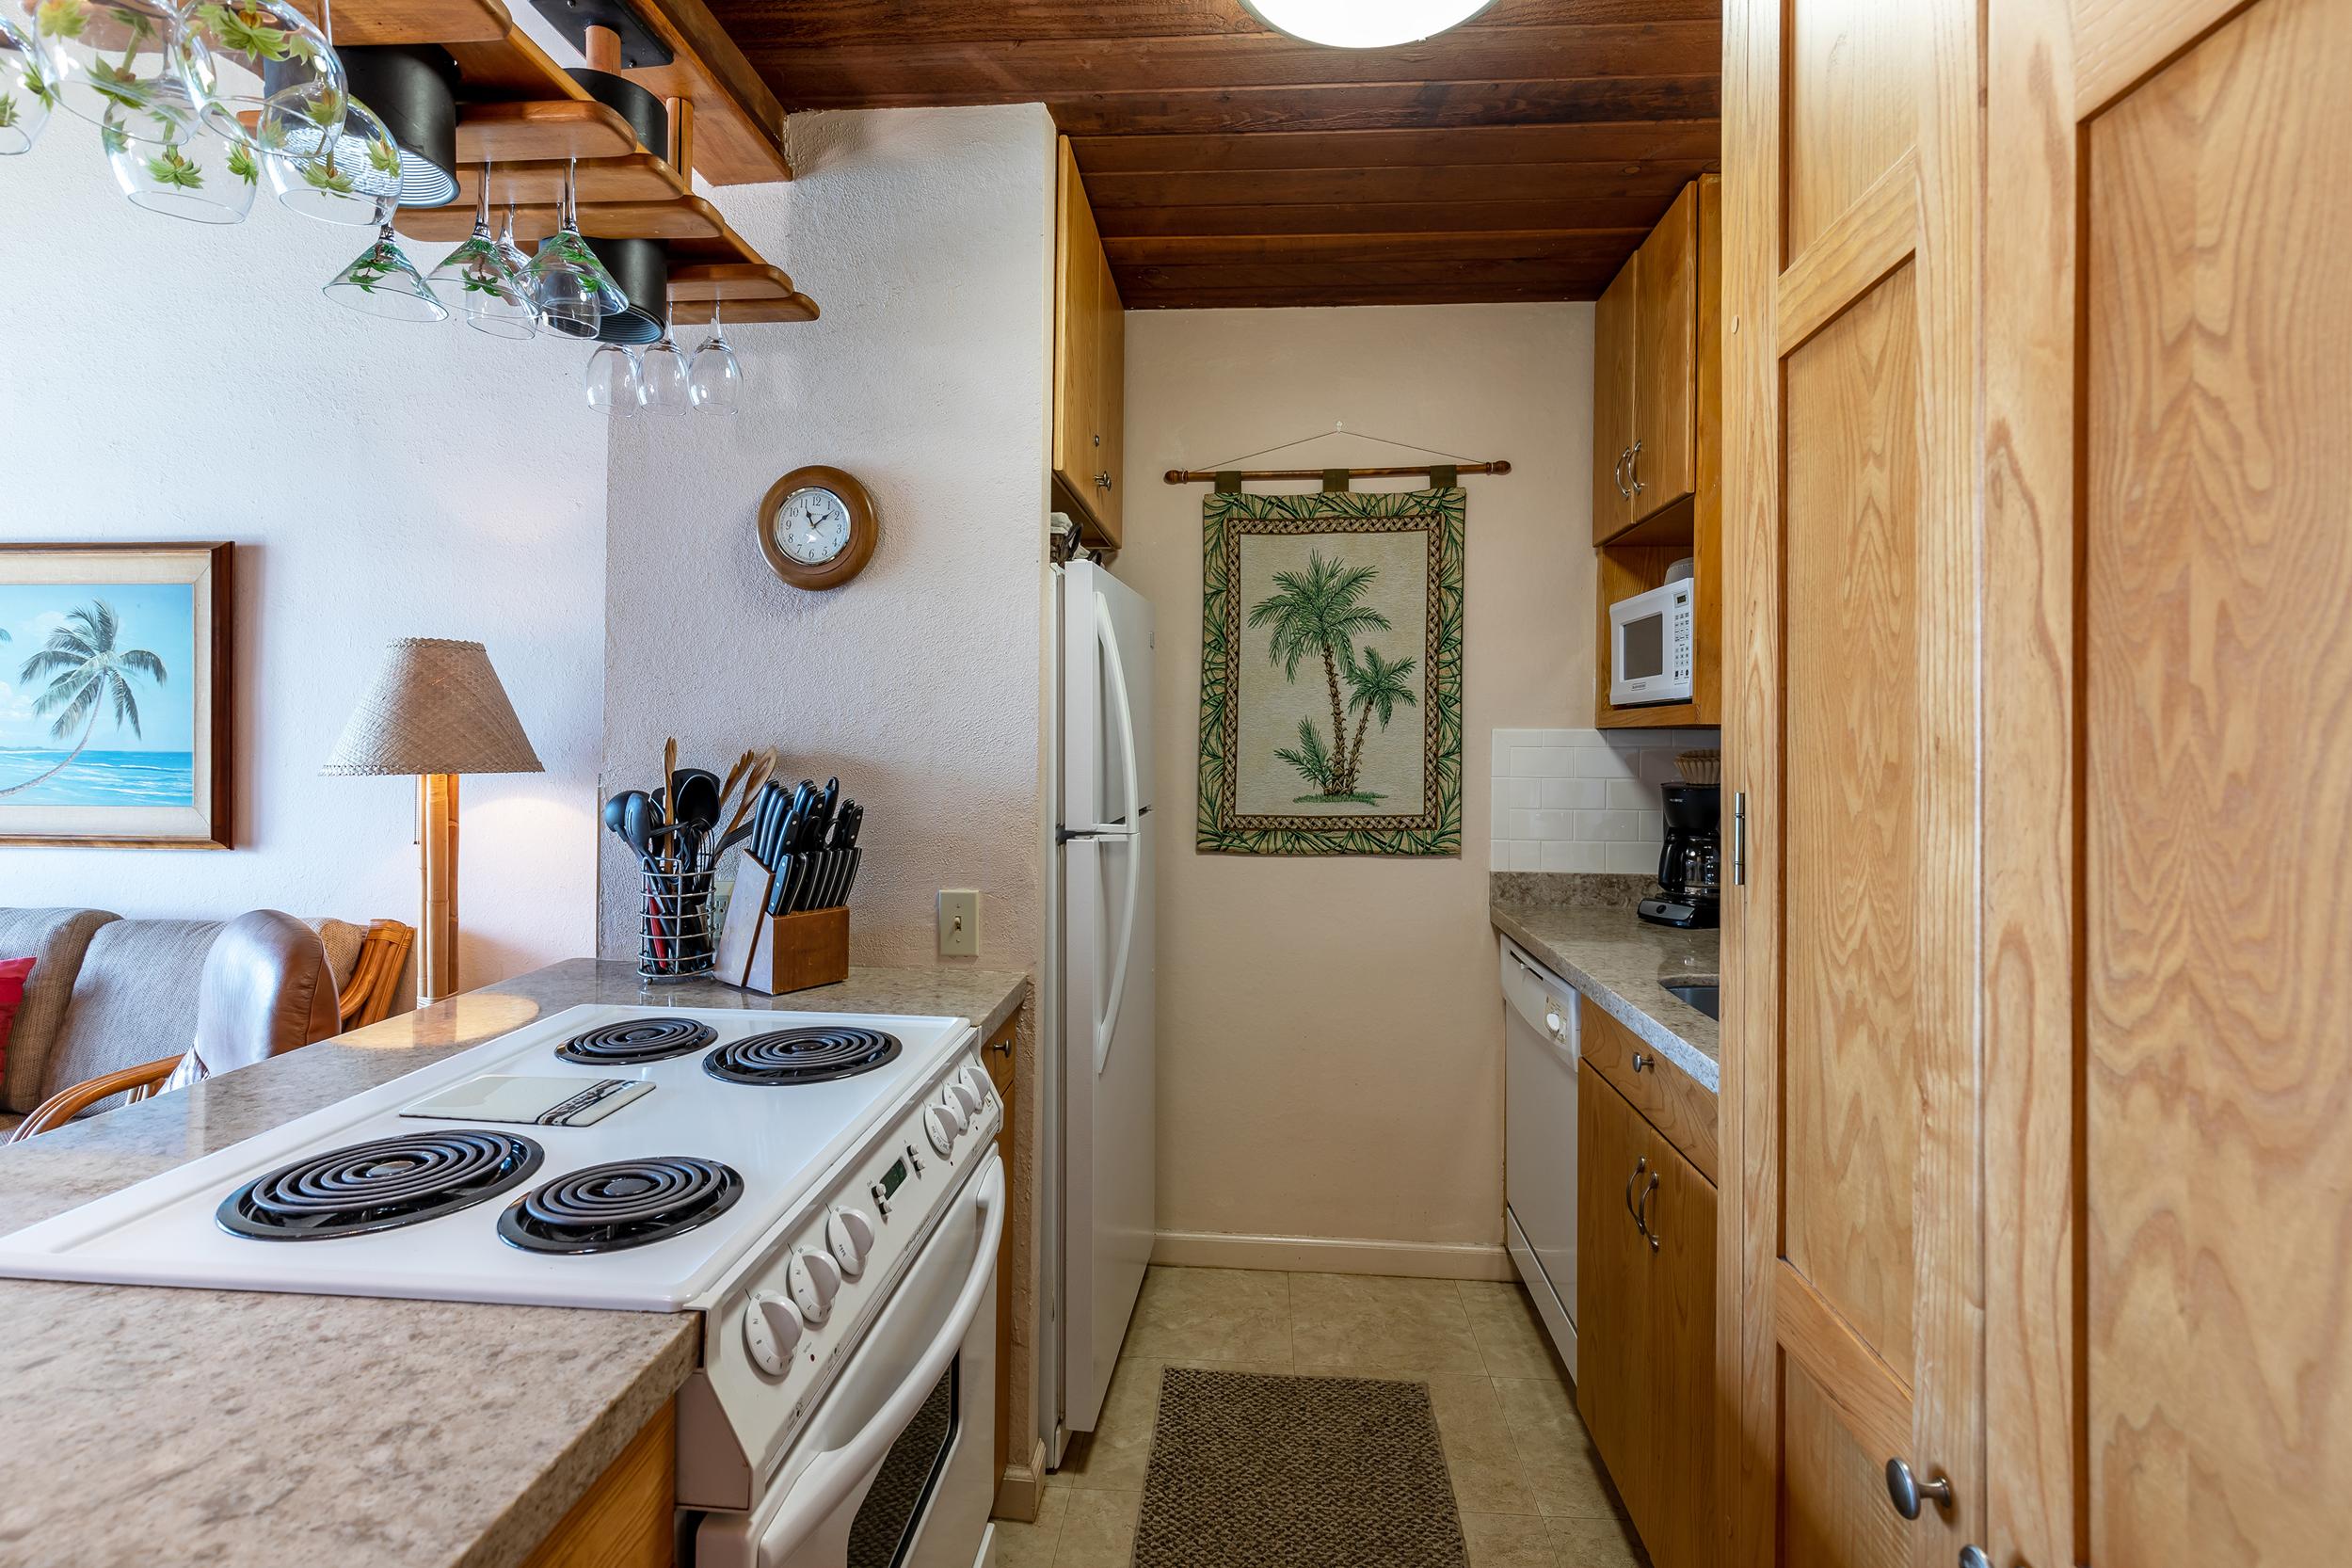 maalaea-banyans-418-harbor-condo-rental-maui-7-kitchen.jpg